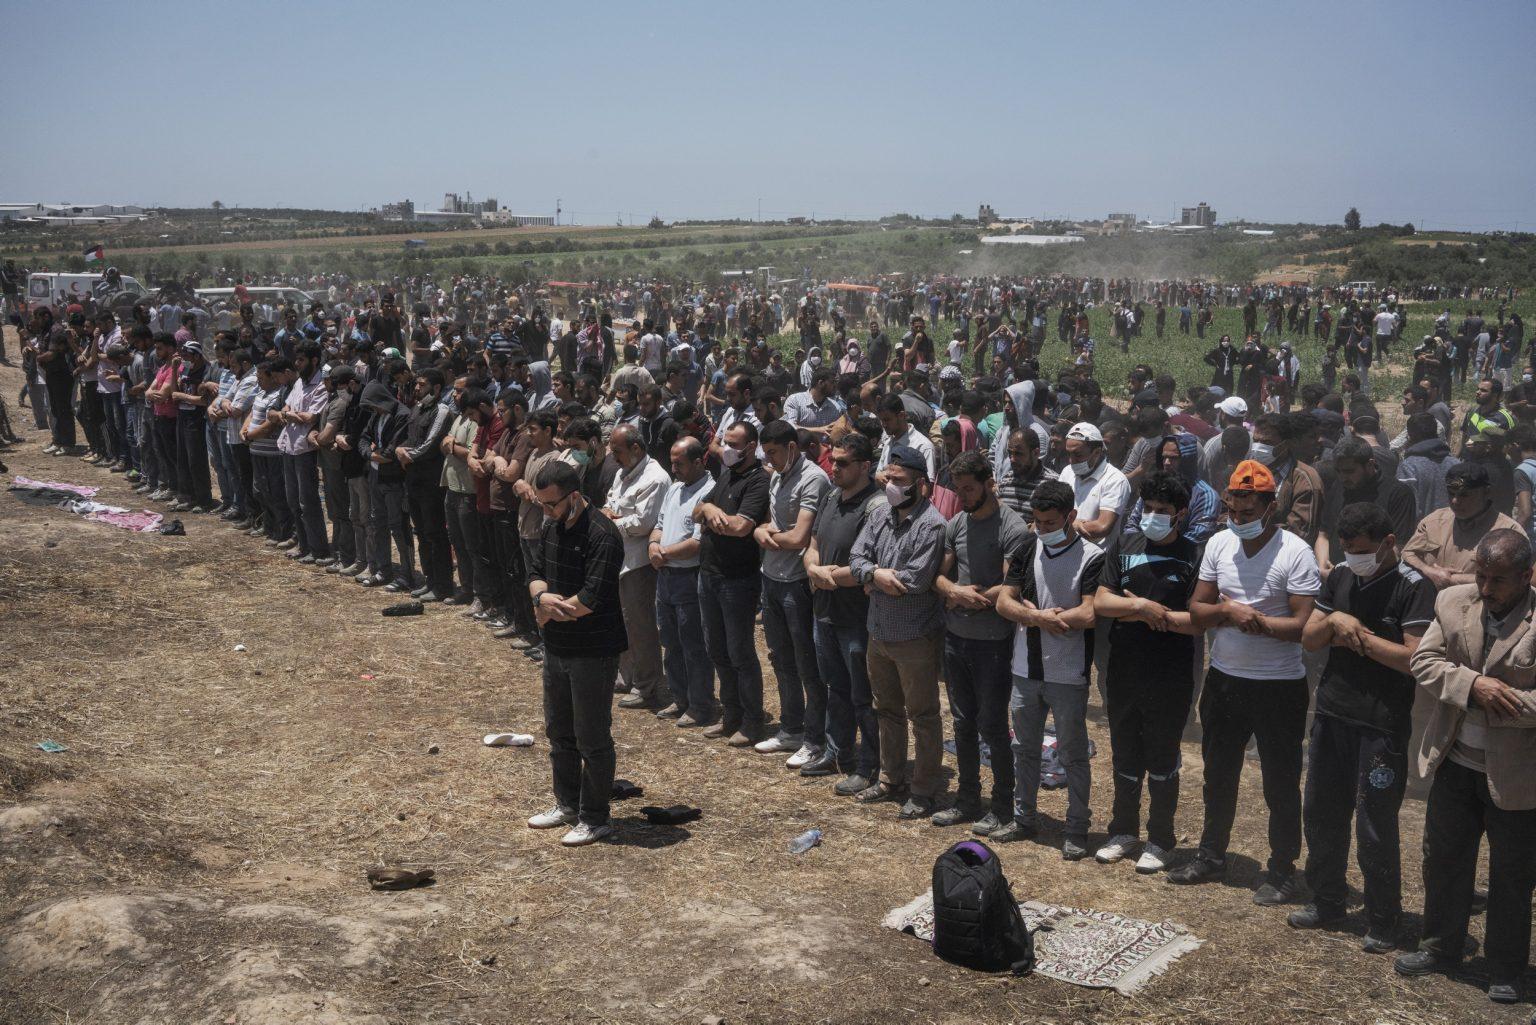 Gaza Strip, May 2018 - Palestinian men pray during the protest along the Gaza-Israel border. >< Striscia di Gaza,maggio 2018 - Palestinesi pregano durante le proteste lungo il confine tra Gaza e Israele.